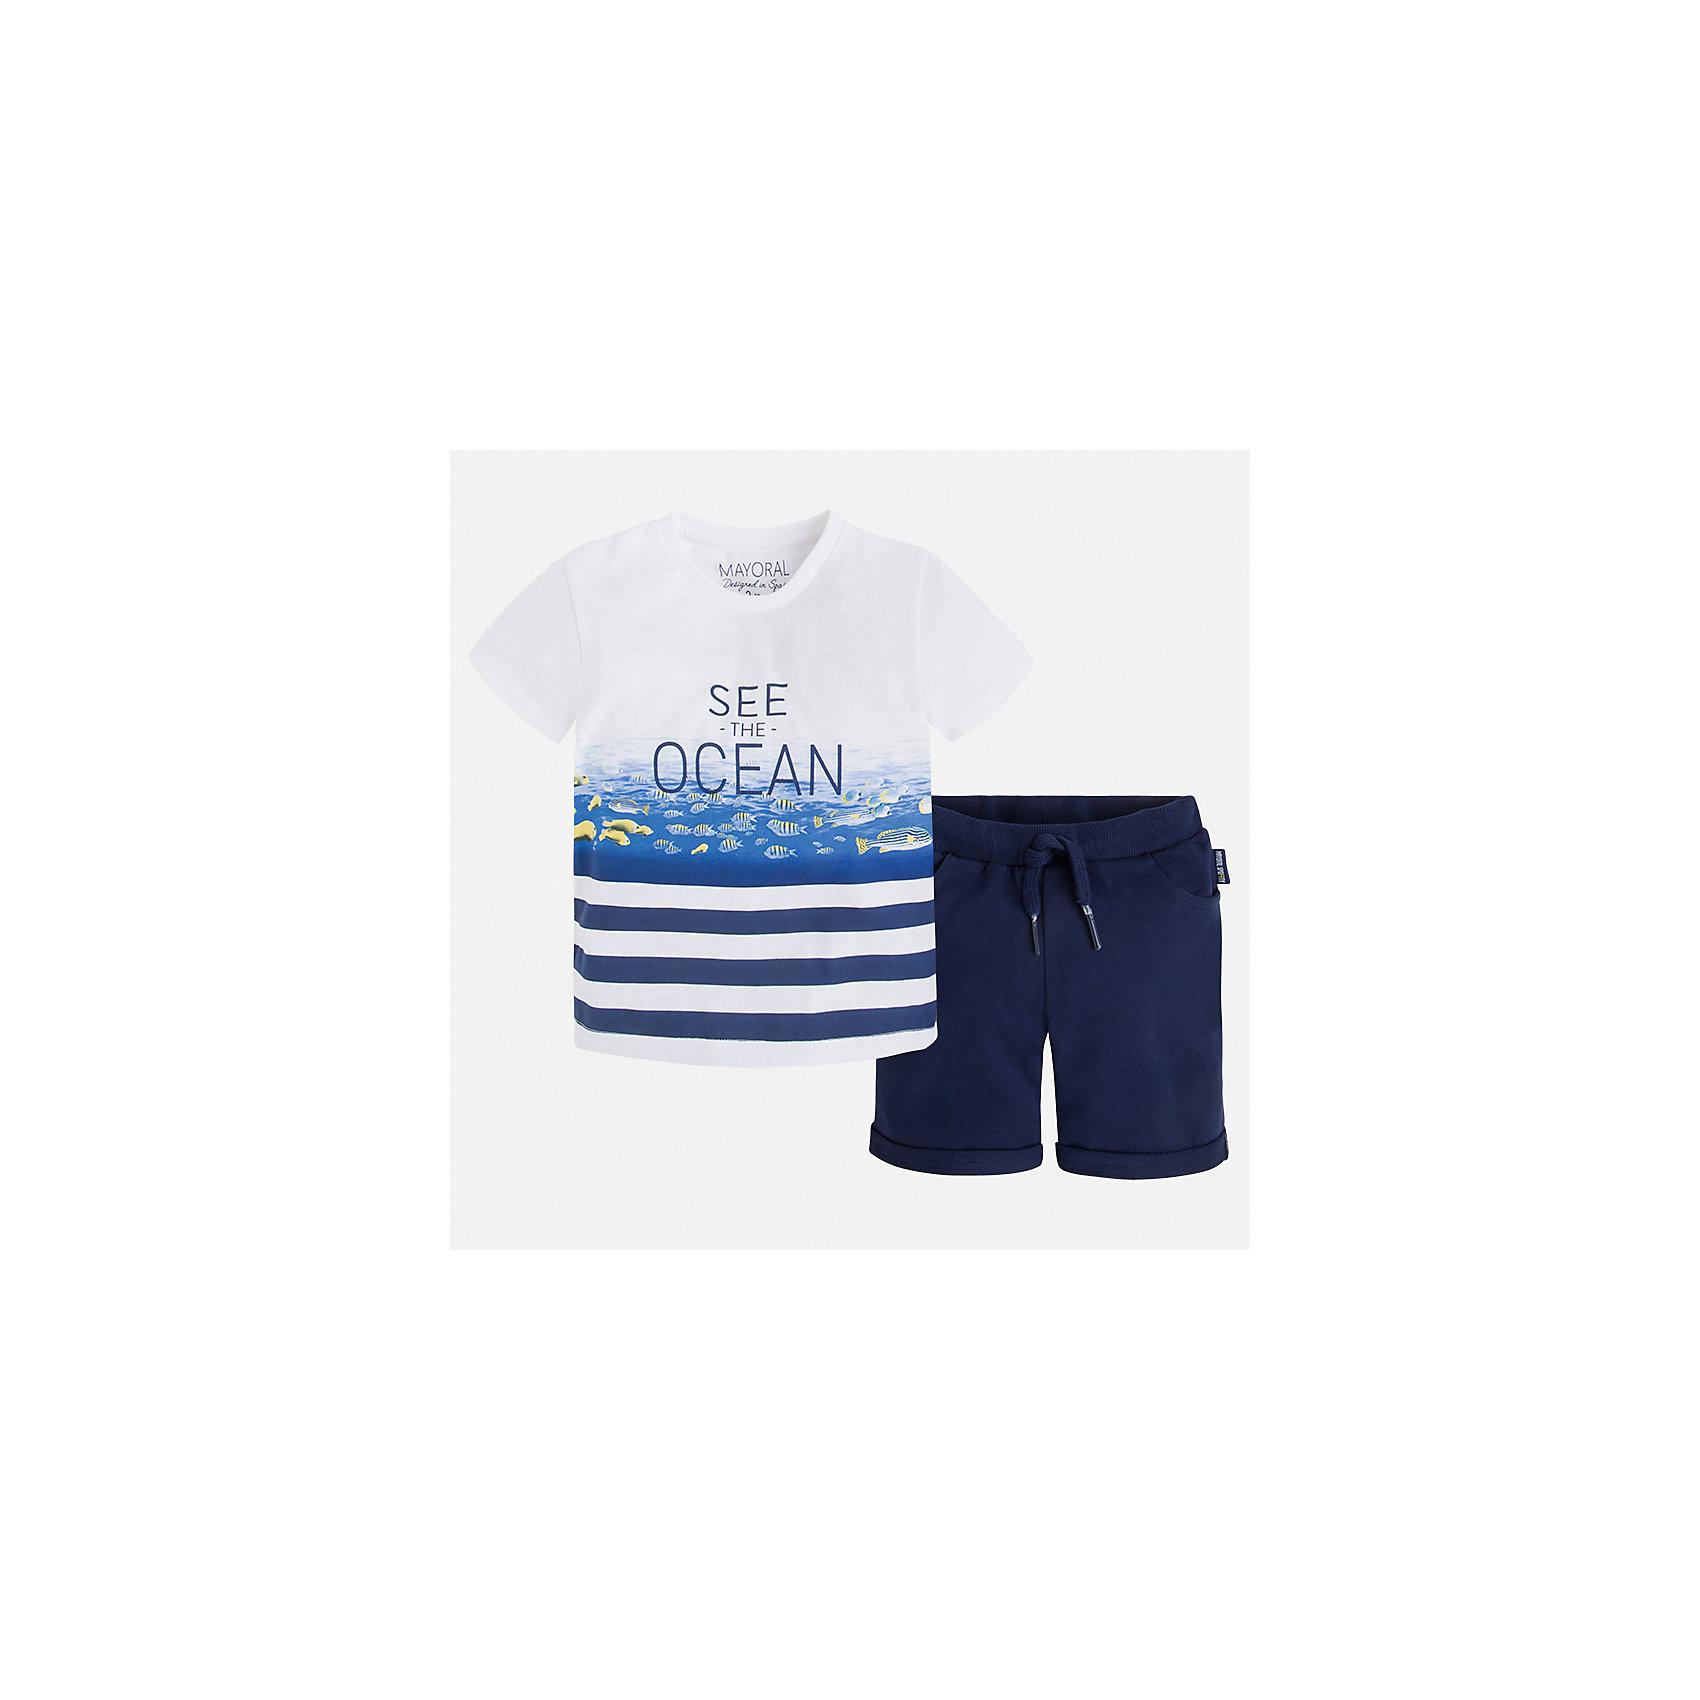 Комплект: футболка и шорты для мальчика MayoralЛови волну<br>Характеристики товара:<br><br>• цвет: белый/синий<br>• состав: 100% хлопок<br>• комплектация: футболка, шорты<br>• футболка с принтом<br>• отложной воротник<br>• шорты с карманами<br>• пояс - мягкая резинка и шнурок<br>• отвороты<br>• страна бренда: Испания<br><br>Красивый качественный комплект для мальчика поможет разнообразить гардероб ребенка и удобно одеться в теплую погоду. Он отлично сочетается с другими предметами. Универсальный цвет позволяет подобрать к вещам верхнюю одежду практически любой расцветки. Интересная отделка модели делает её нарядной и оригинальной. В составе материала - только натуральный хлопок, гипоаллергенный, приятный на ощупь, дышащий.<br><br>Одежда, обувь и аксессуары от испанского бренда Mayoral полюбились детям и взрослым по всему миру. Модели этой марки - стильные и удобные. Для их производства используются только безопасные, качественные материалы и фурнитура. Порадуйте ребенка модными и красивыми вещами от Mayoral! <br><br>Комплект: бриджи и футболка для мальчика от испанского бренда Mayoral (Майорал) можно купить в нашем интернет-магазине.<br><br>Ширина мм: 191<br>Глубина мм: 10<br>Высота мм: 175<br>Вес г: 273<br>Цвет: синий<br>Возраст от месяцев: 18<br>Возраст до месяцев: 24<br>Пол: Мужской<br>Возраст: Детский<br>Размер: 92,122,134,128,116,110,104,98<br>SKU: 5281009